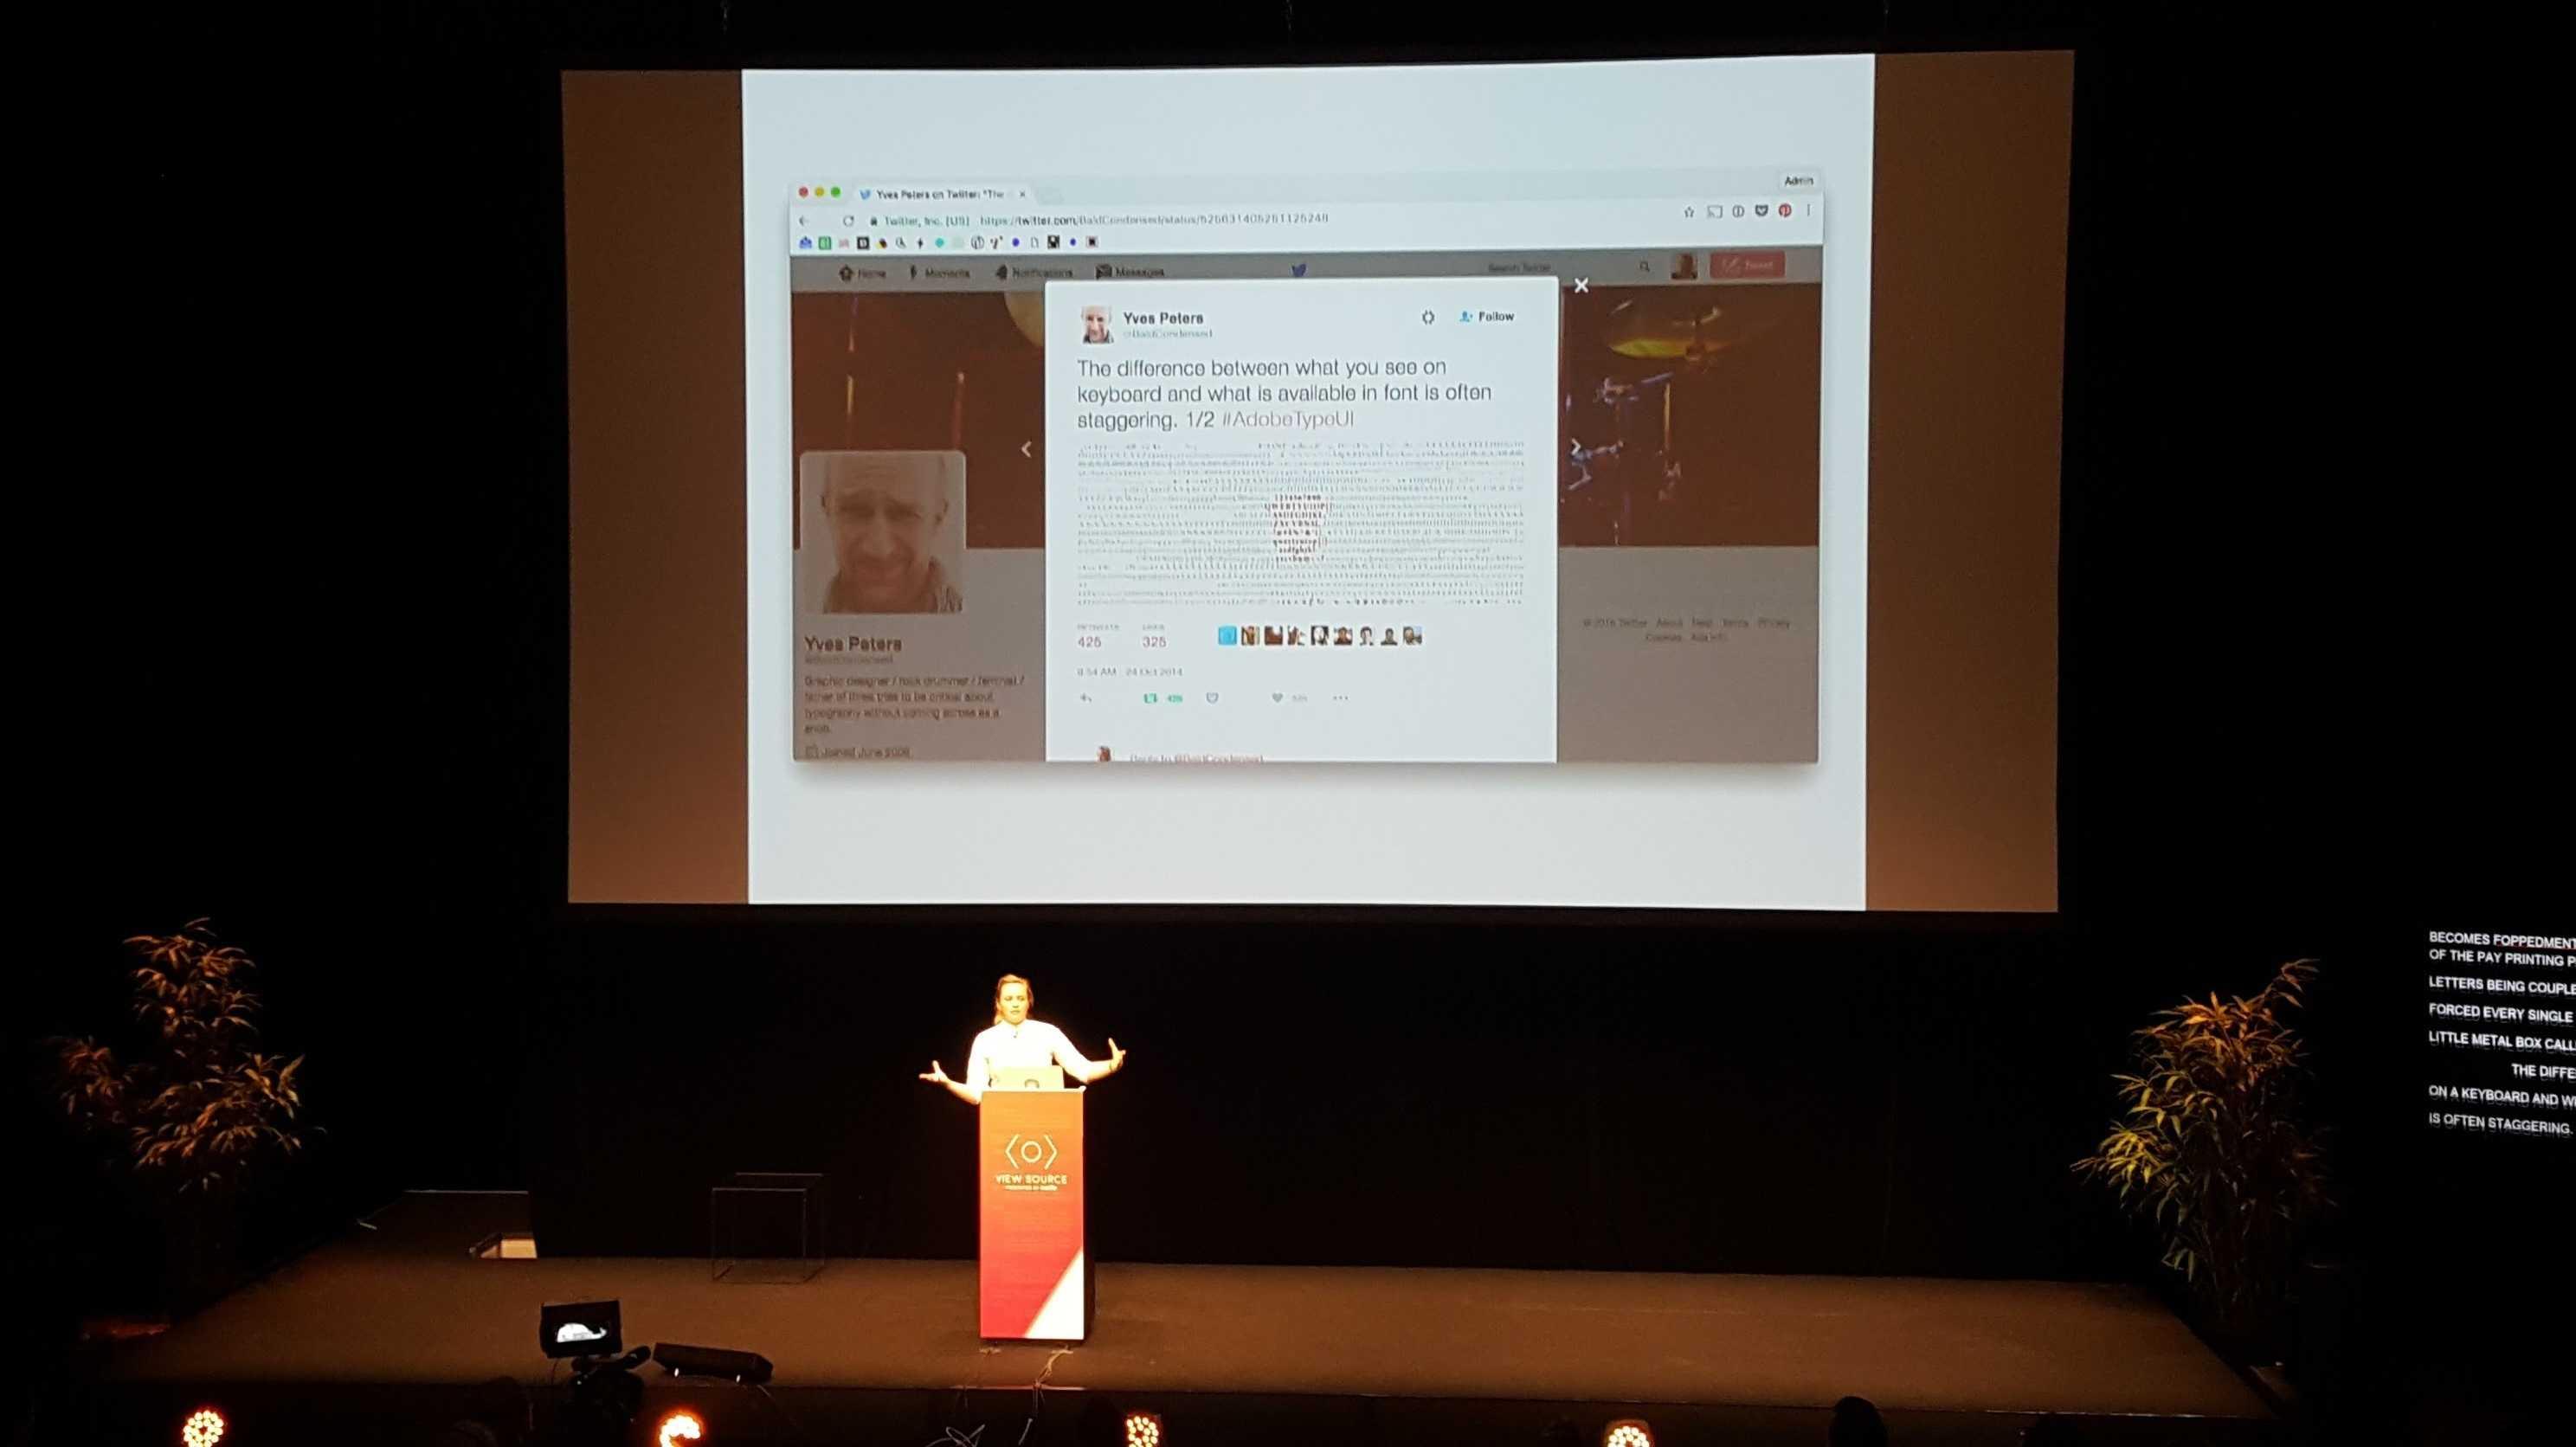 Mozilla-Konferenz: Plädoyers für besseren Code im Web